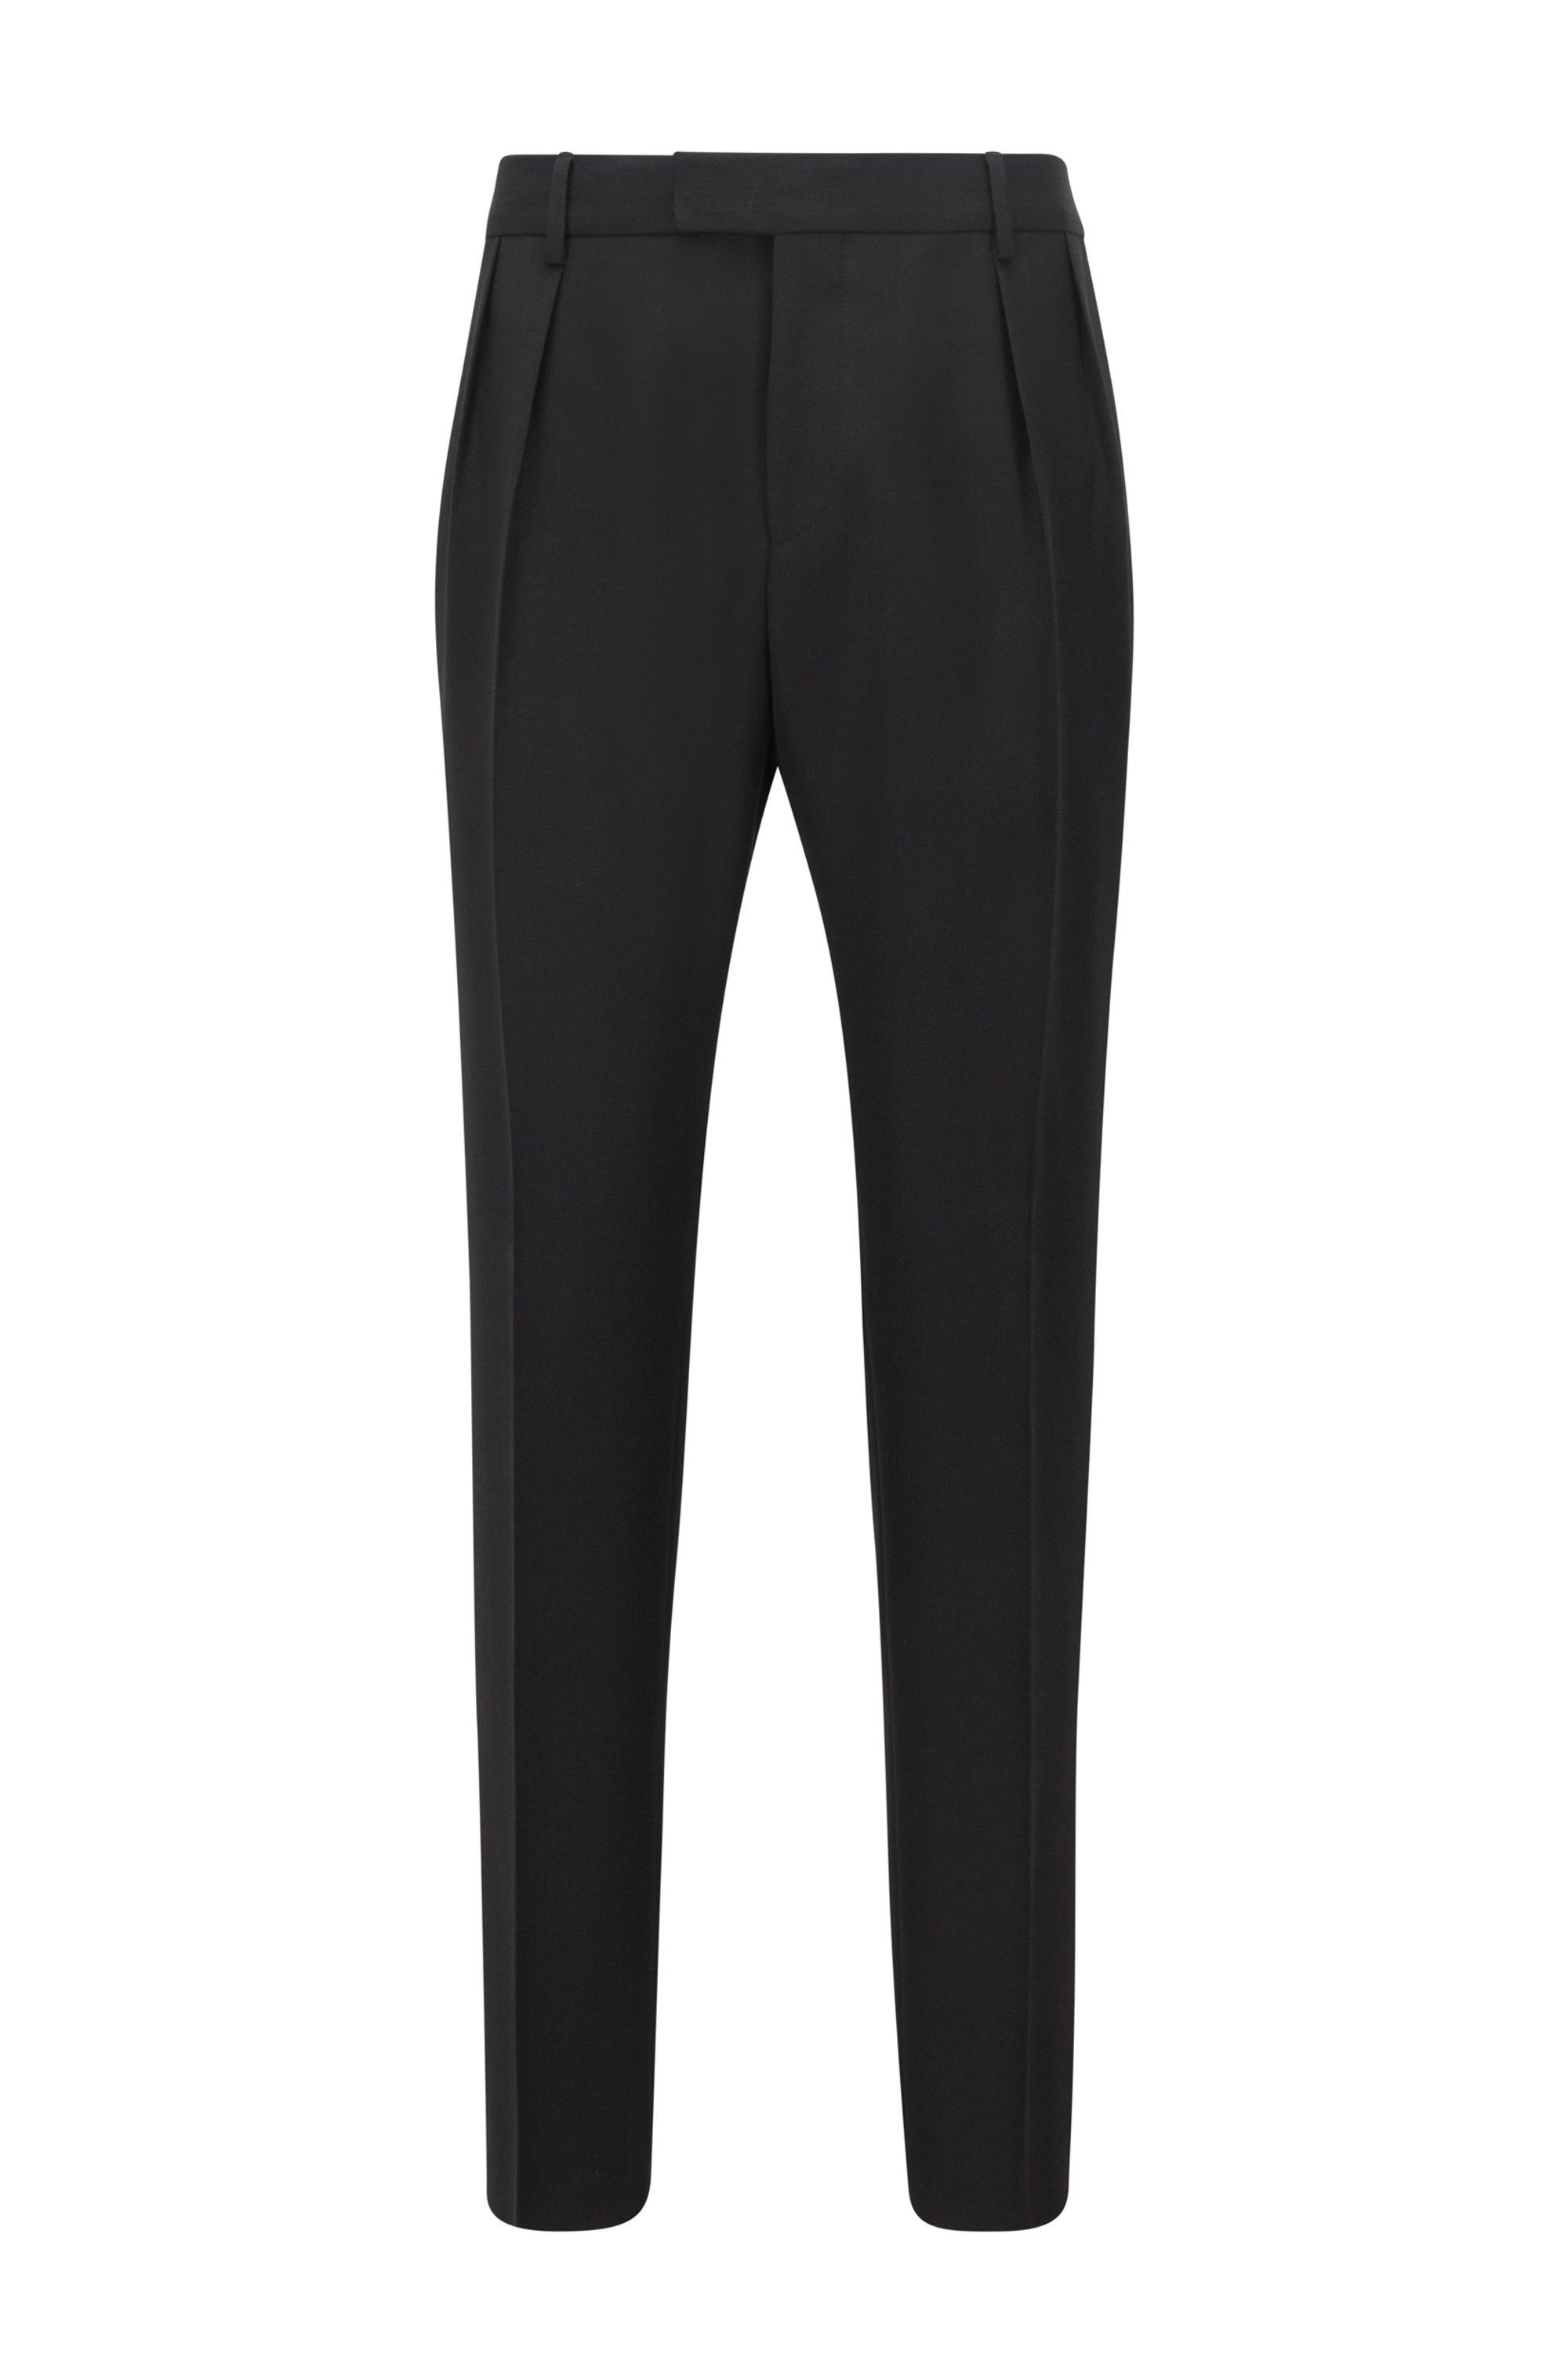 Pantalones extra slim fit con pinzas delanteras, Negro